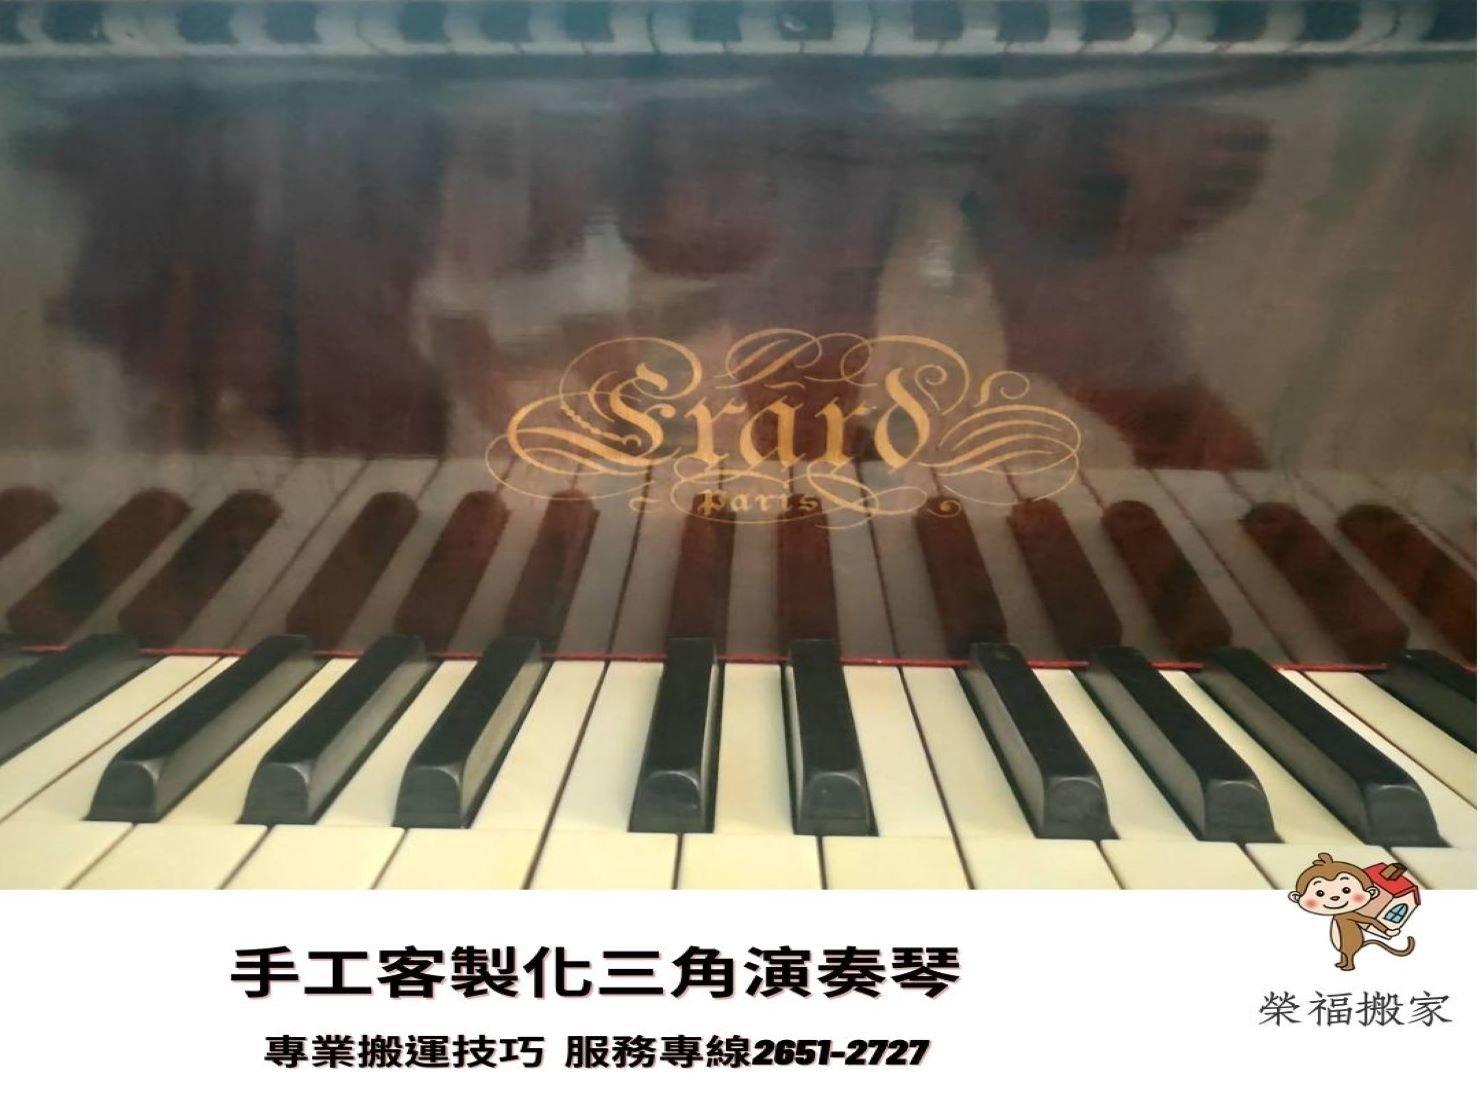 【鋼琴搬運】搬演奏琴、平台式鋼琴《三角琴》手工訂製精緻包裝搬移過程